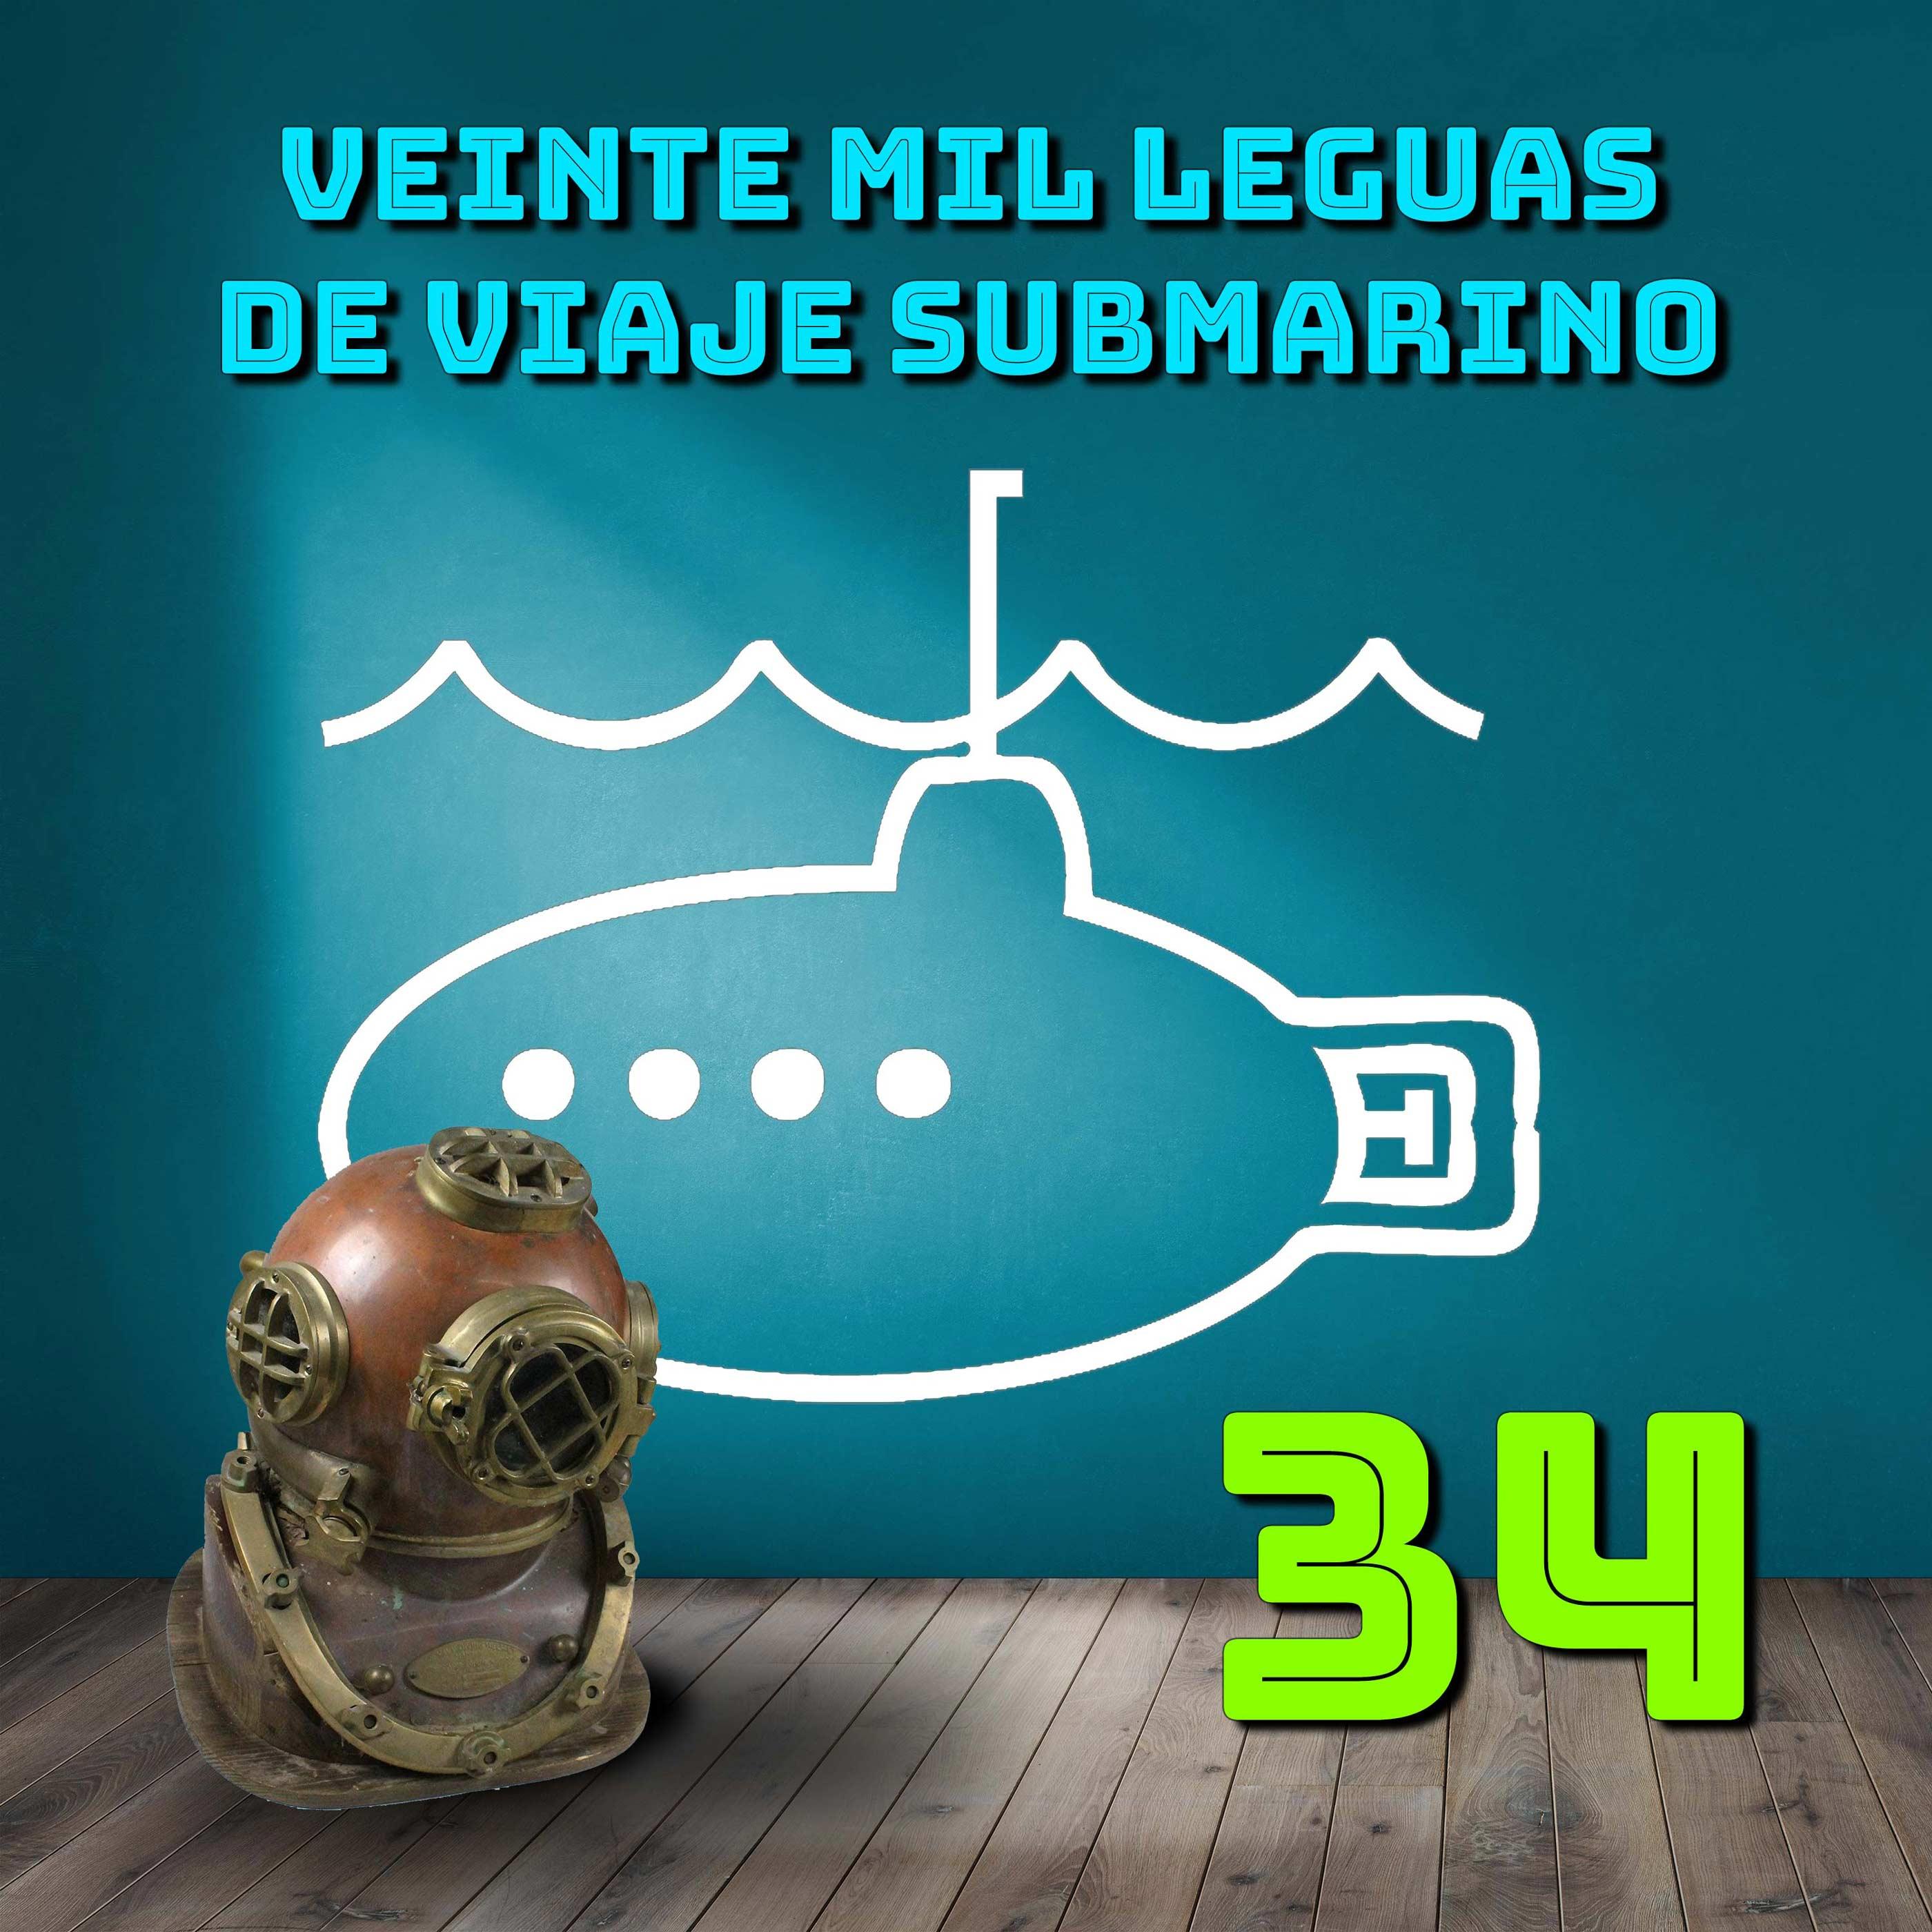 34-Las hulleras submarinas